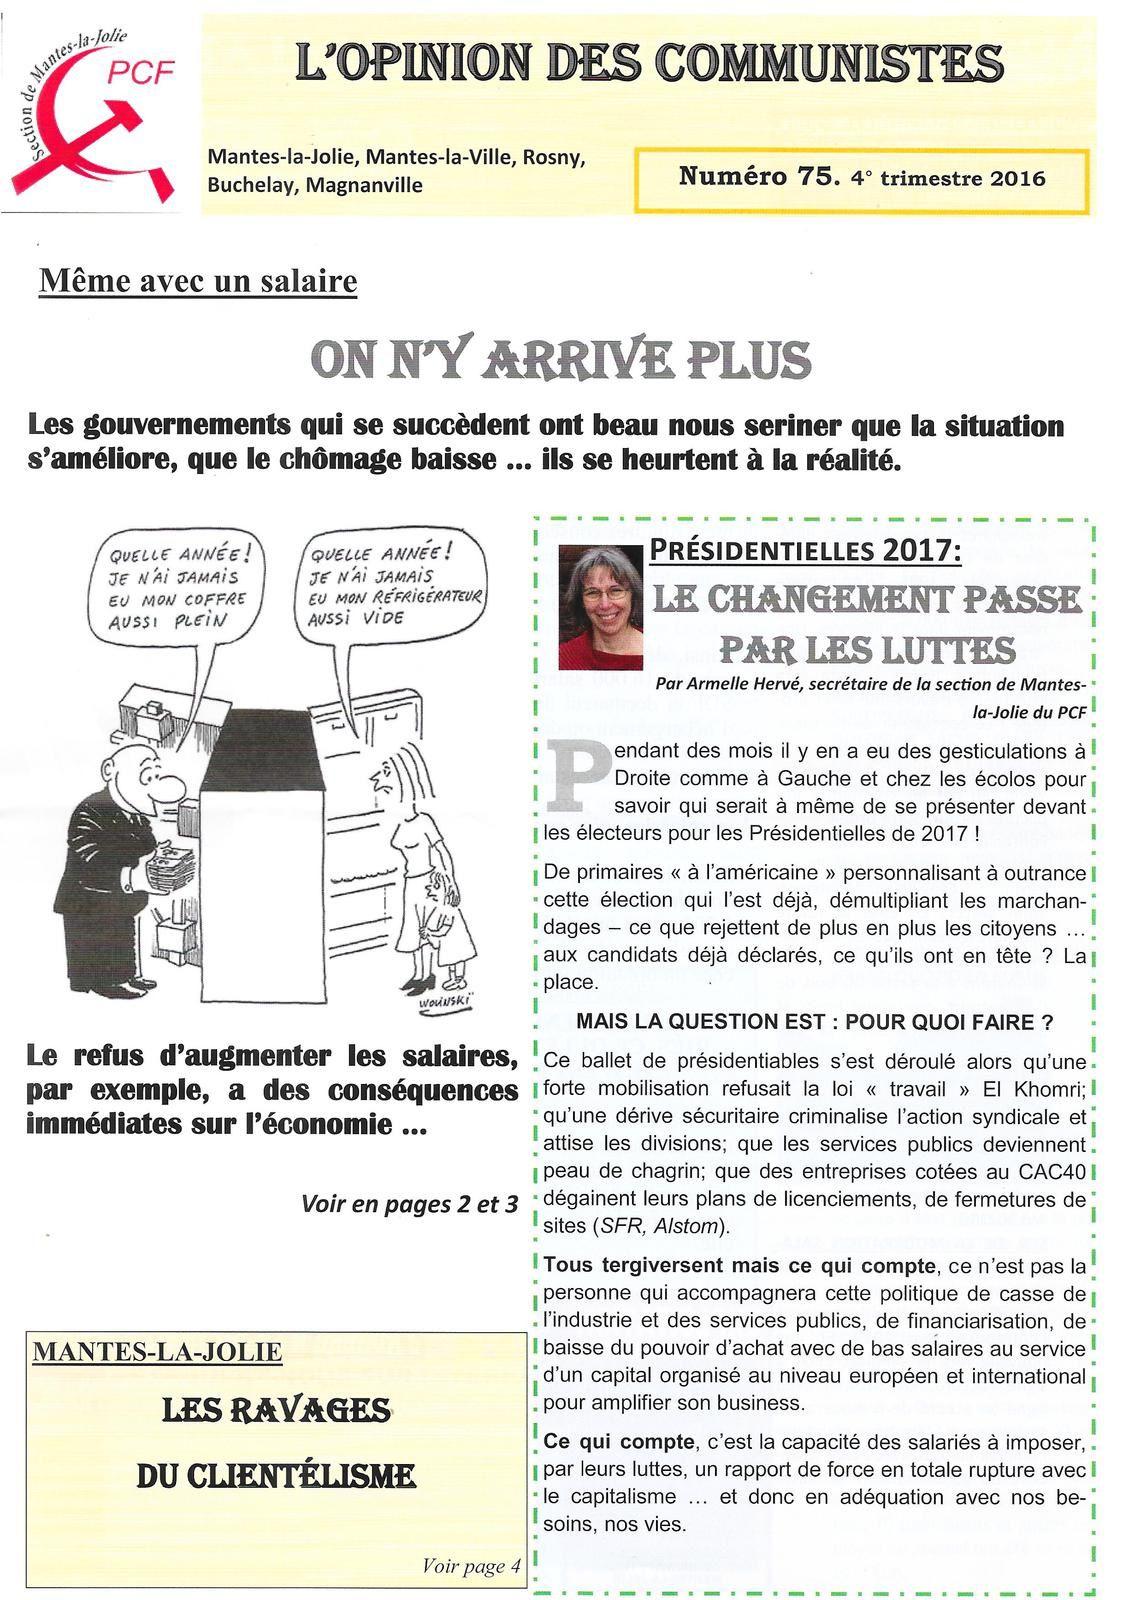 Rencontres avec les communistes de Mantes-la-Jolie